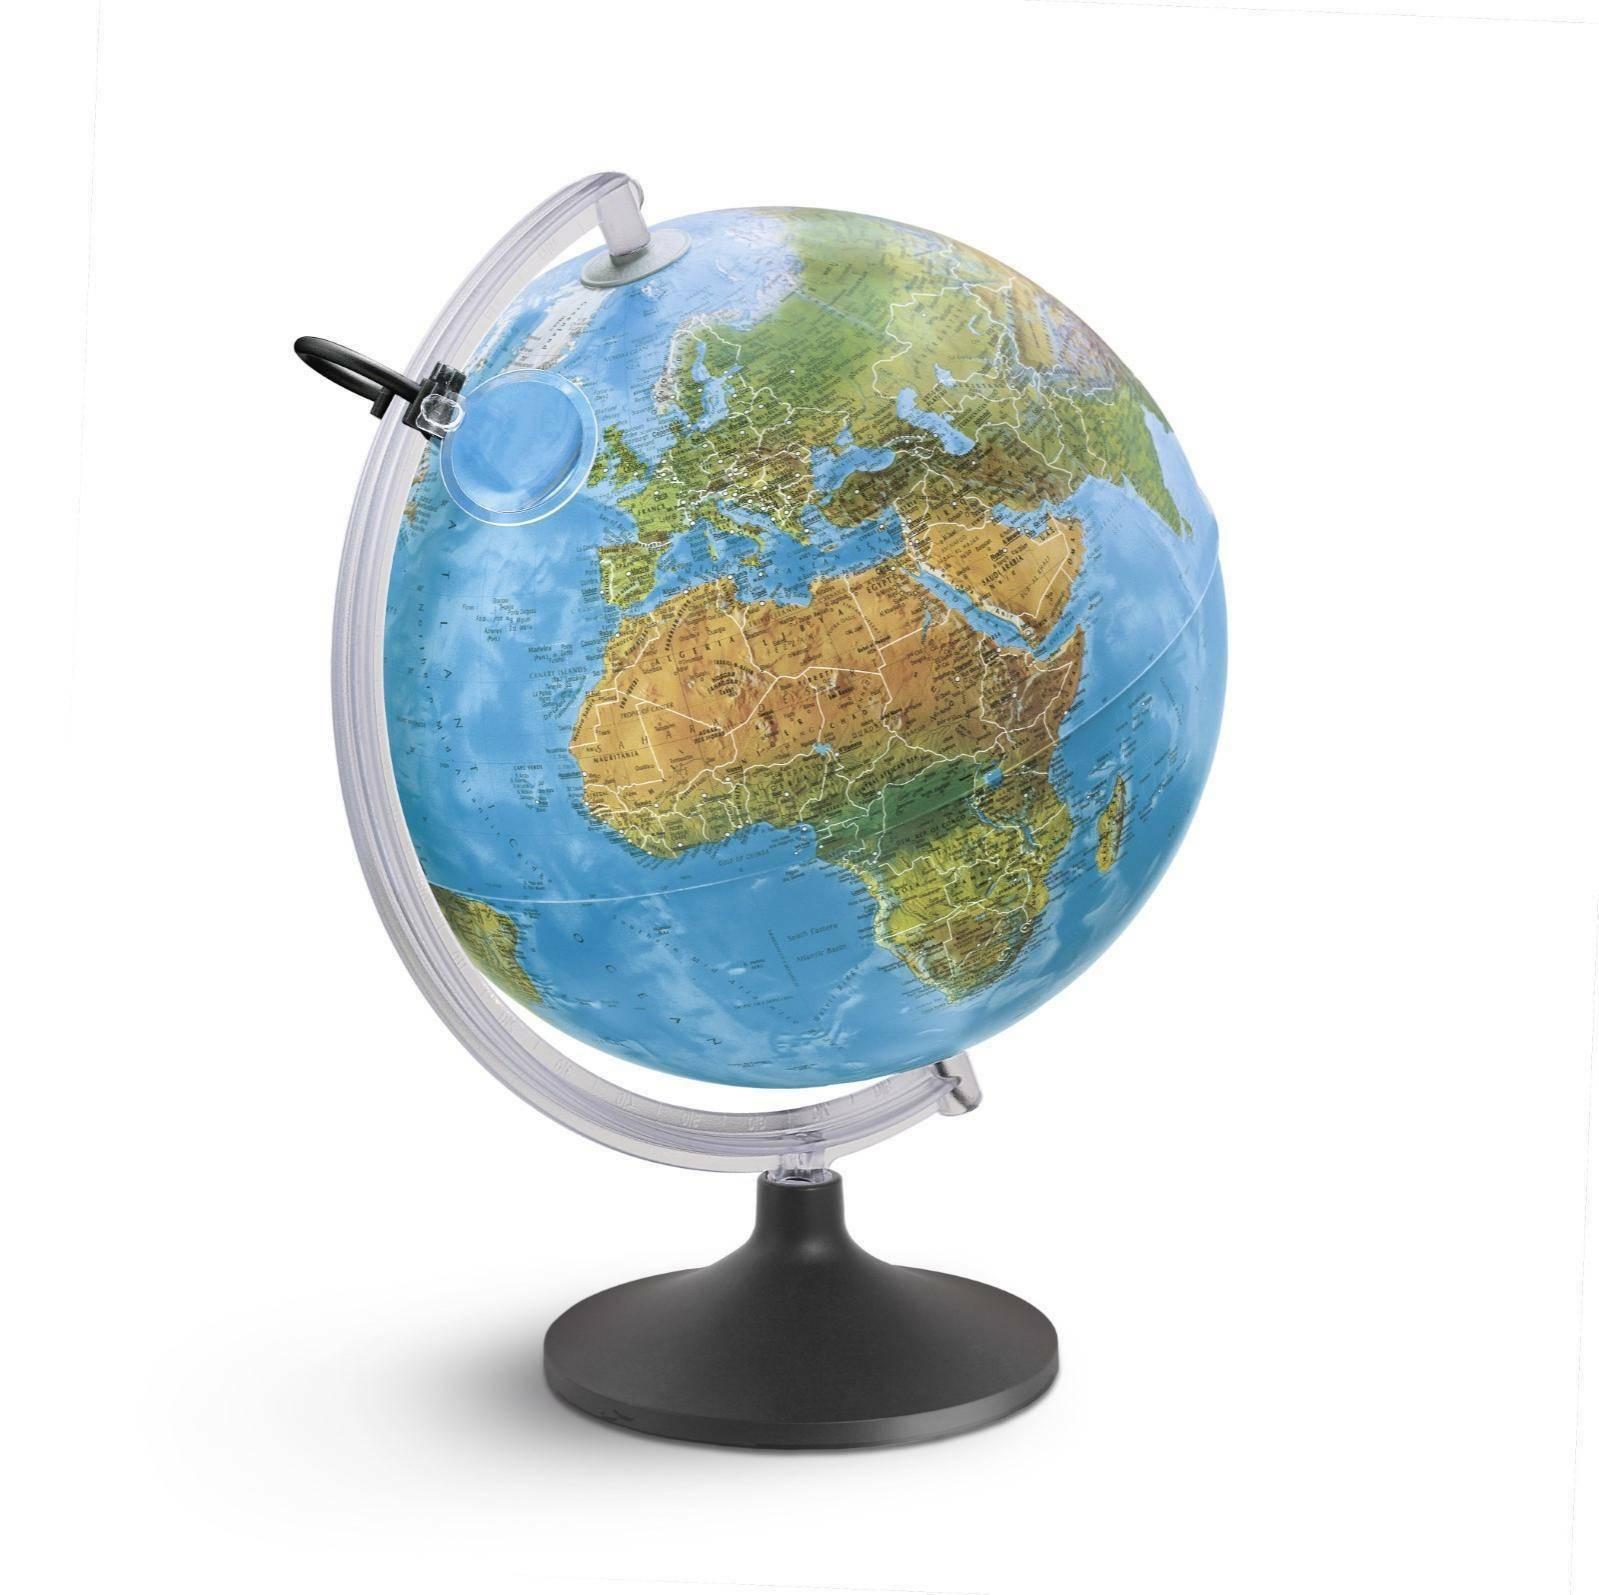 tecnodidattica tecnodidattica mappamondo geografico illuminato